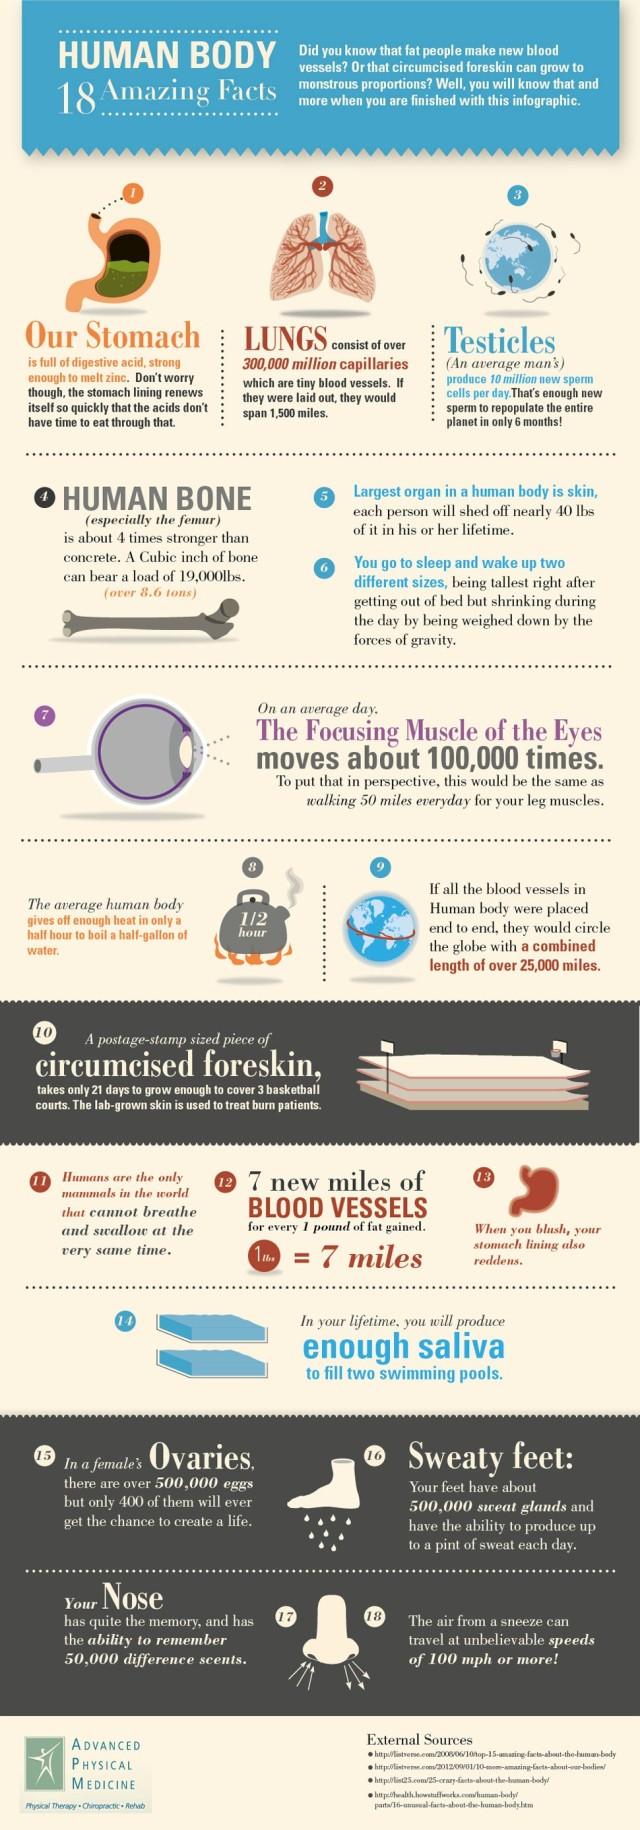 18 datos interesantes sobre el cuerpo humano